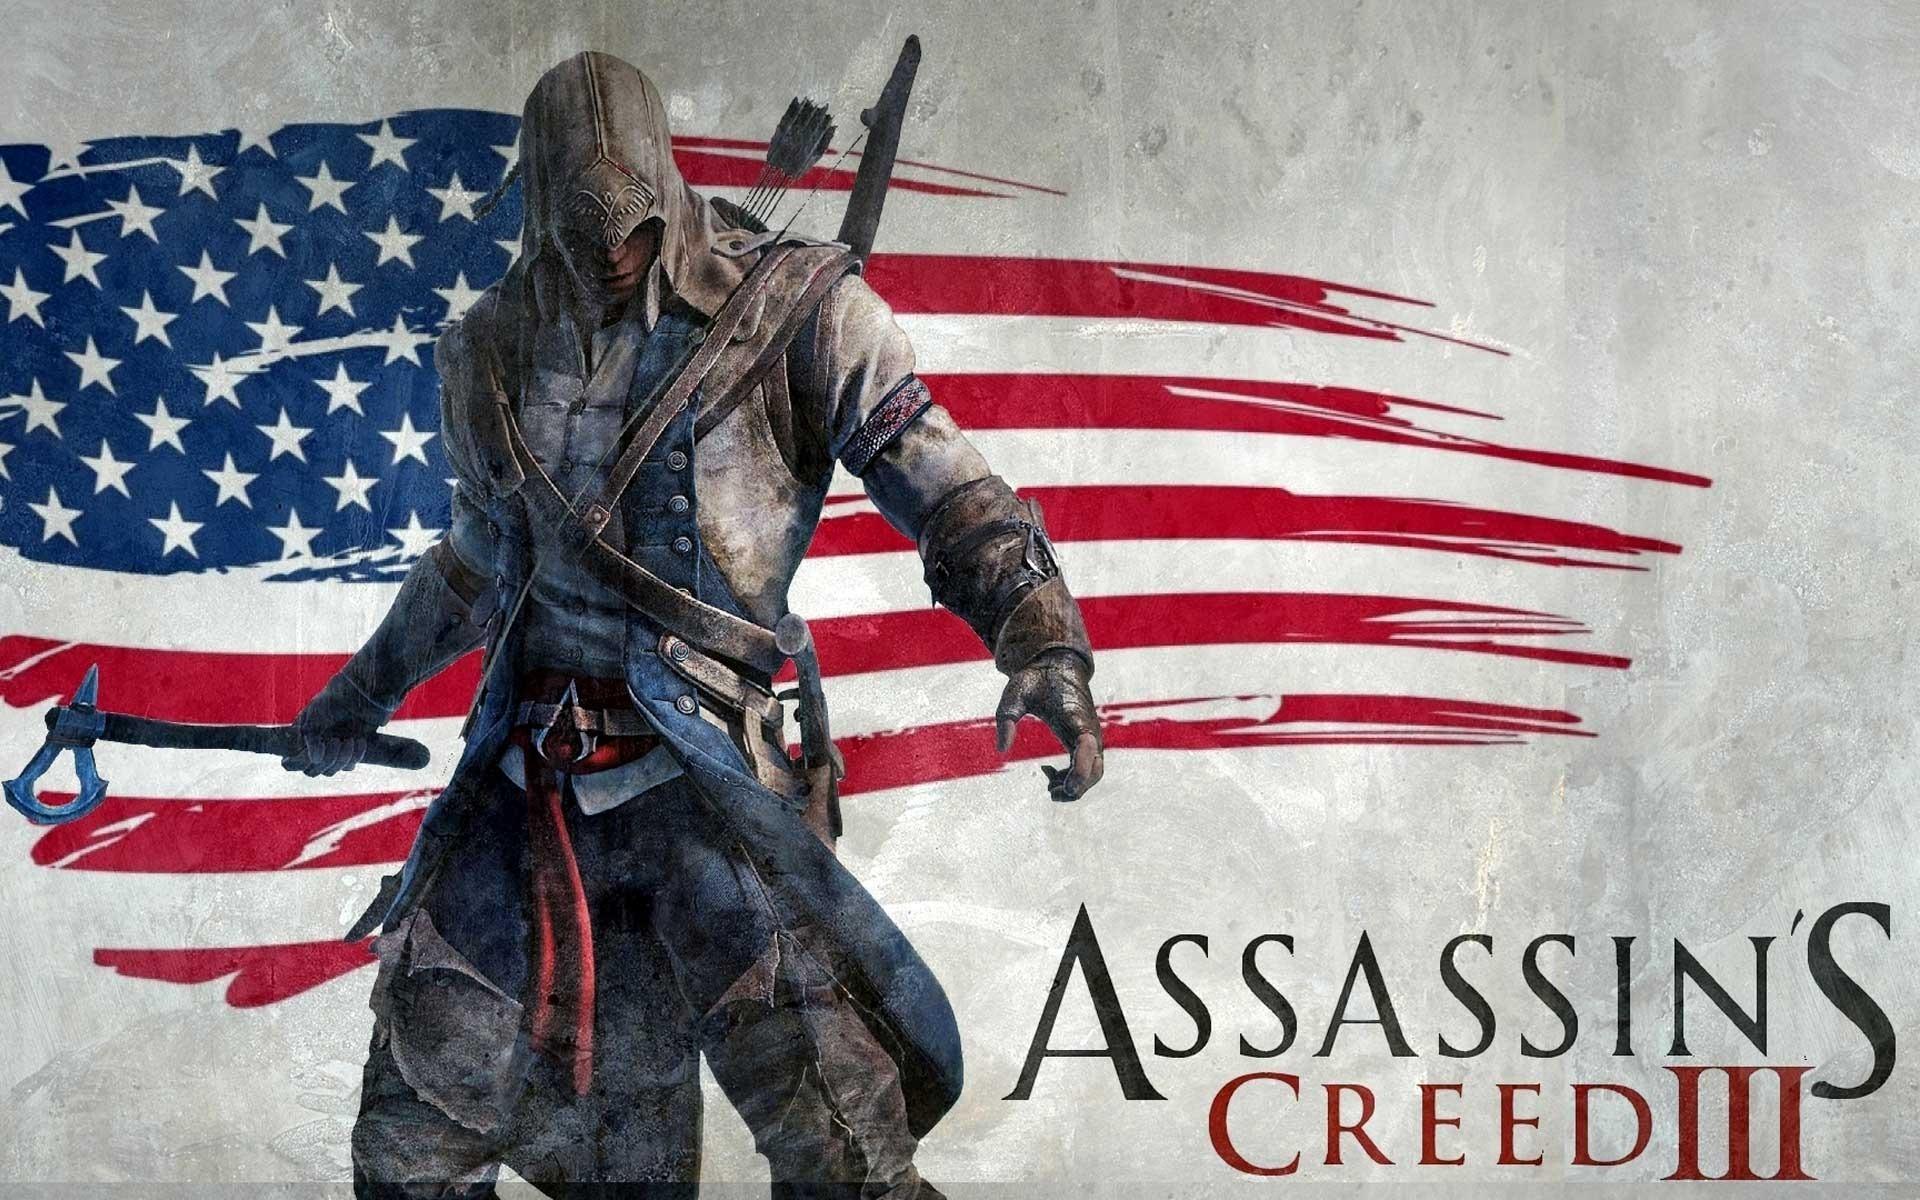 fond d'ecran gratuit assassin's creed 3